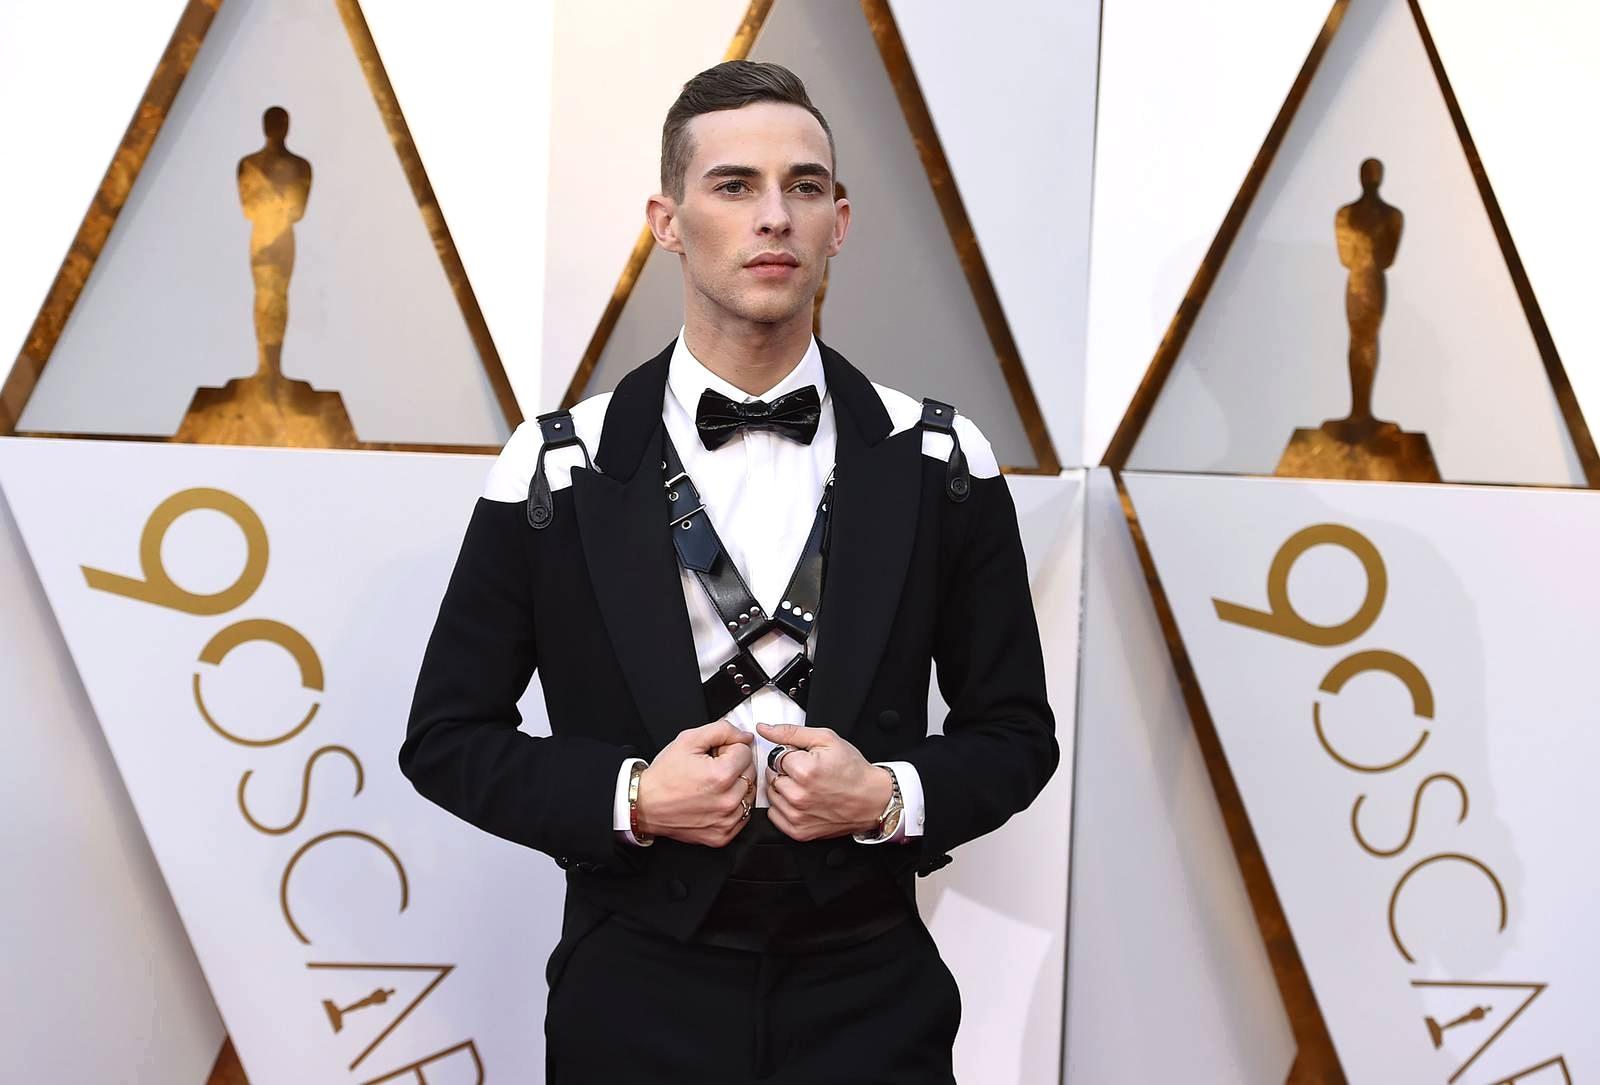 Адам Риппон в харнессе и смокинге на церемонии вручения премии «Оскар» 2018